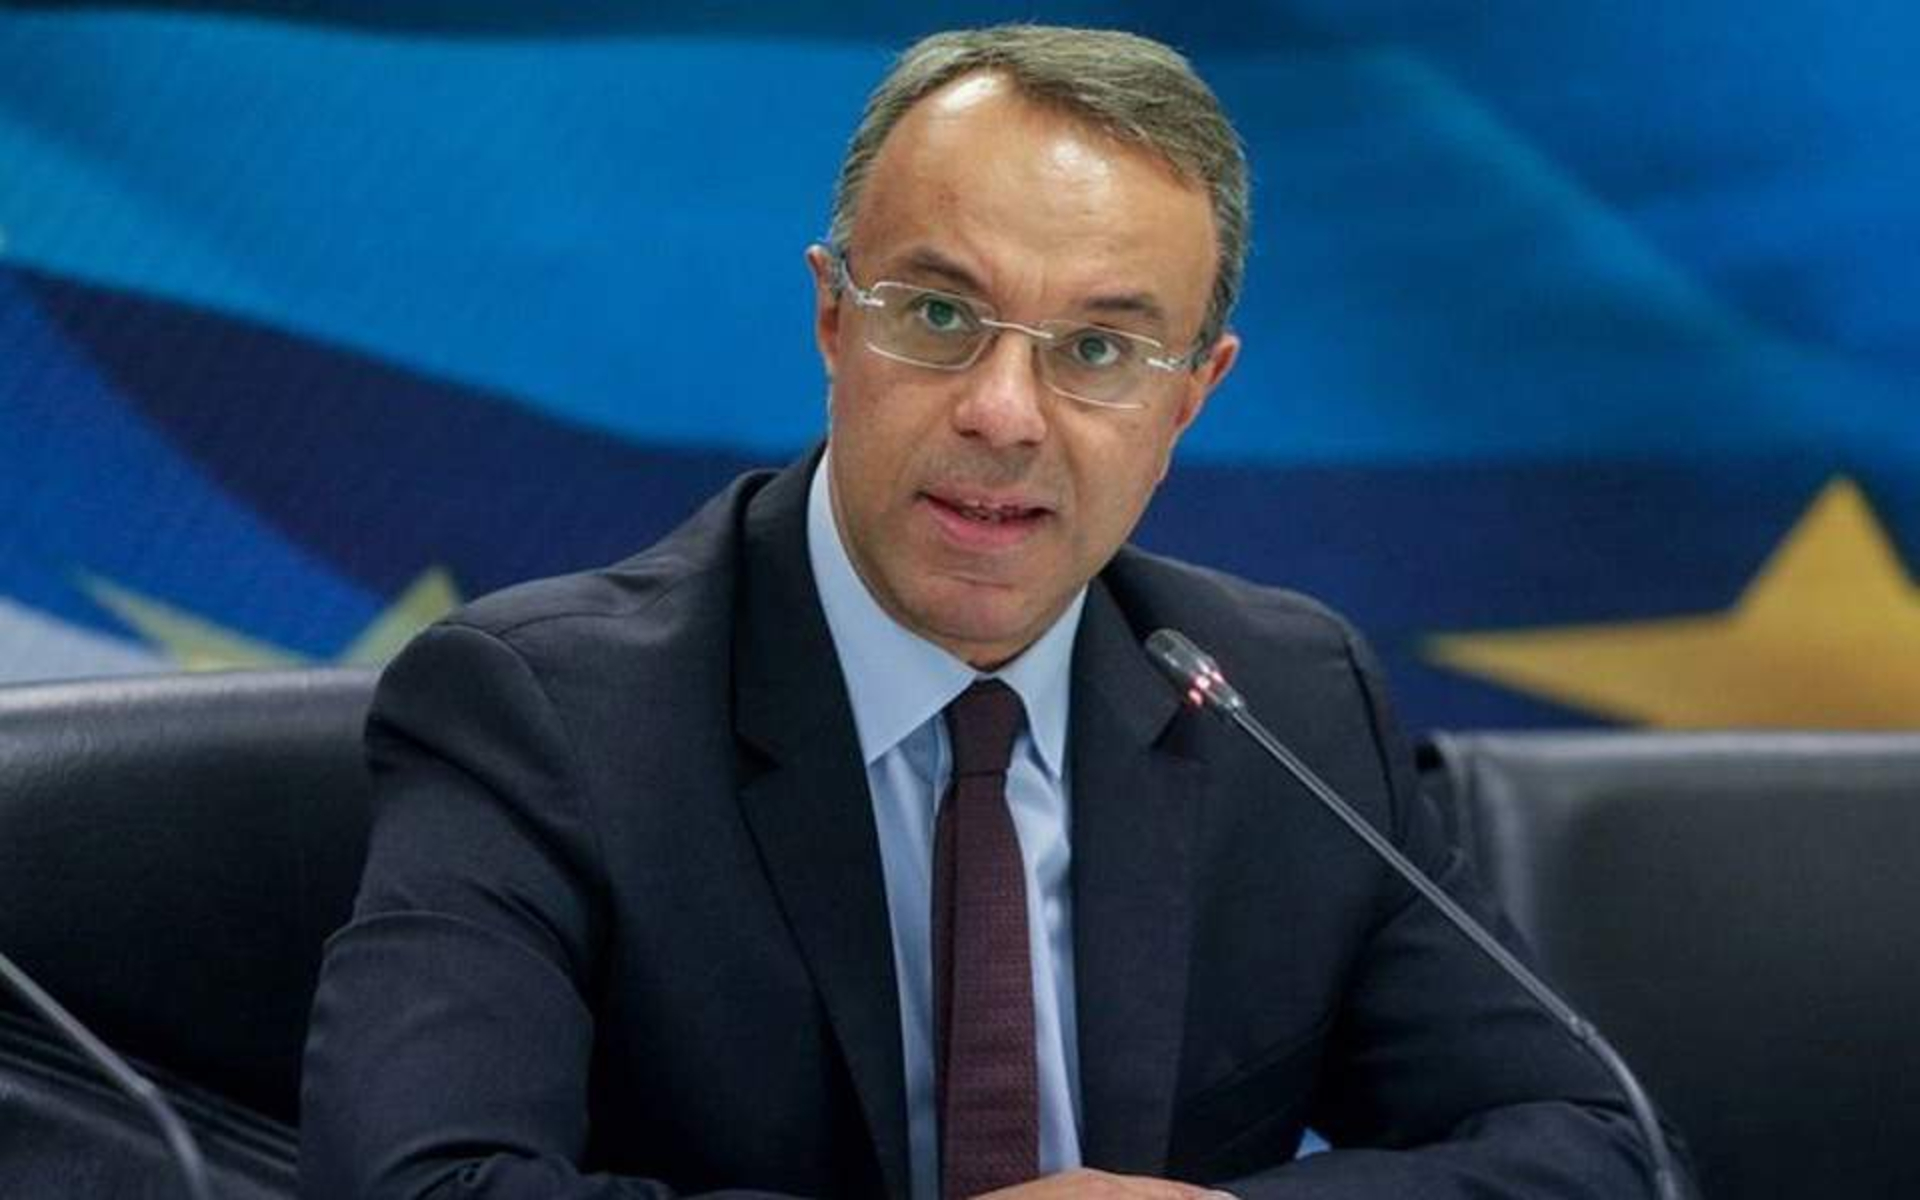 Σταϊκούρας- Μέτρα στήριξης: 2 δισ. ευρώ επιπλέον για την ενίσχυση της πολιτείας